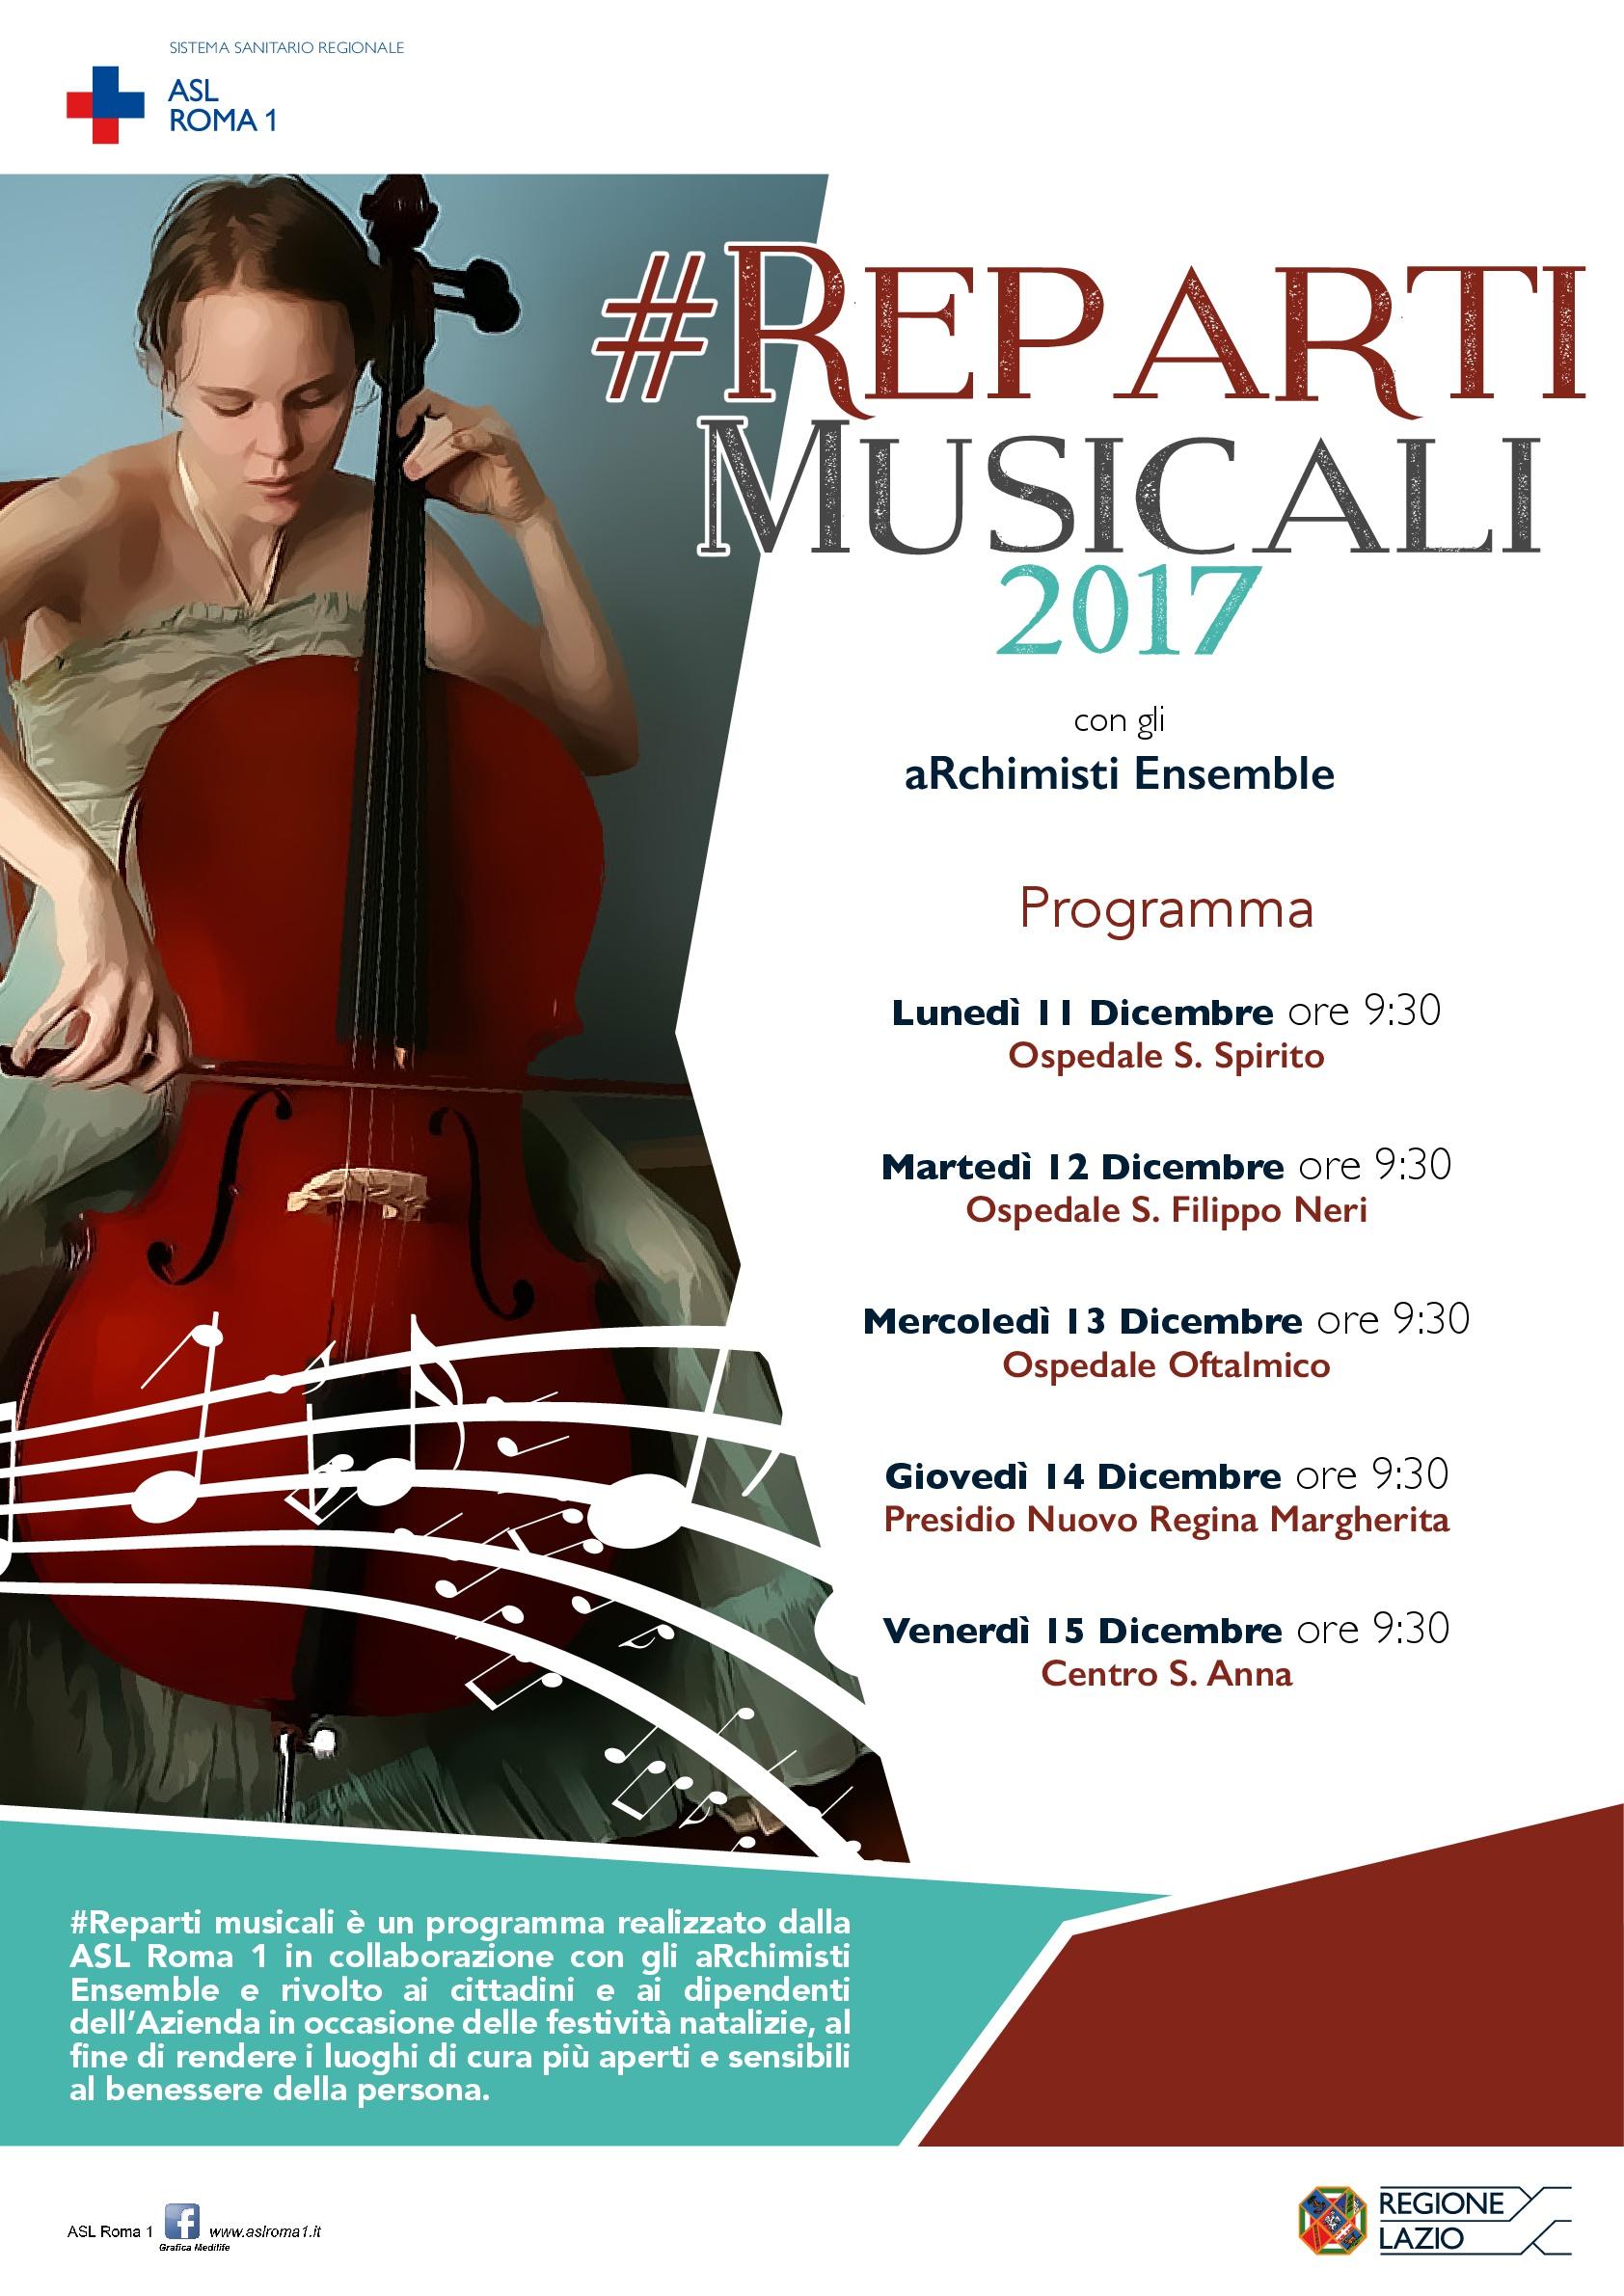 Reparti musicali è un programma realizzato dalla ASL Roma 1 in  collaborazione con gli aRchimisti Ensemble. f849b40d273